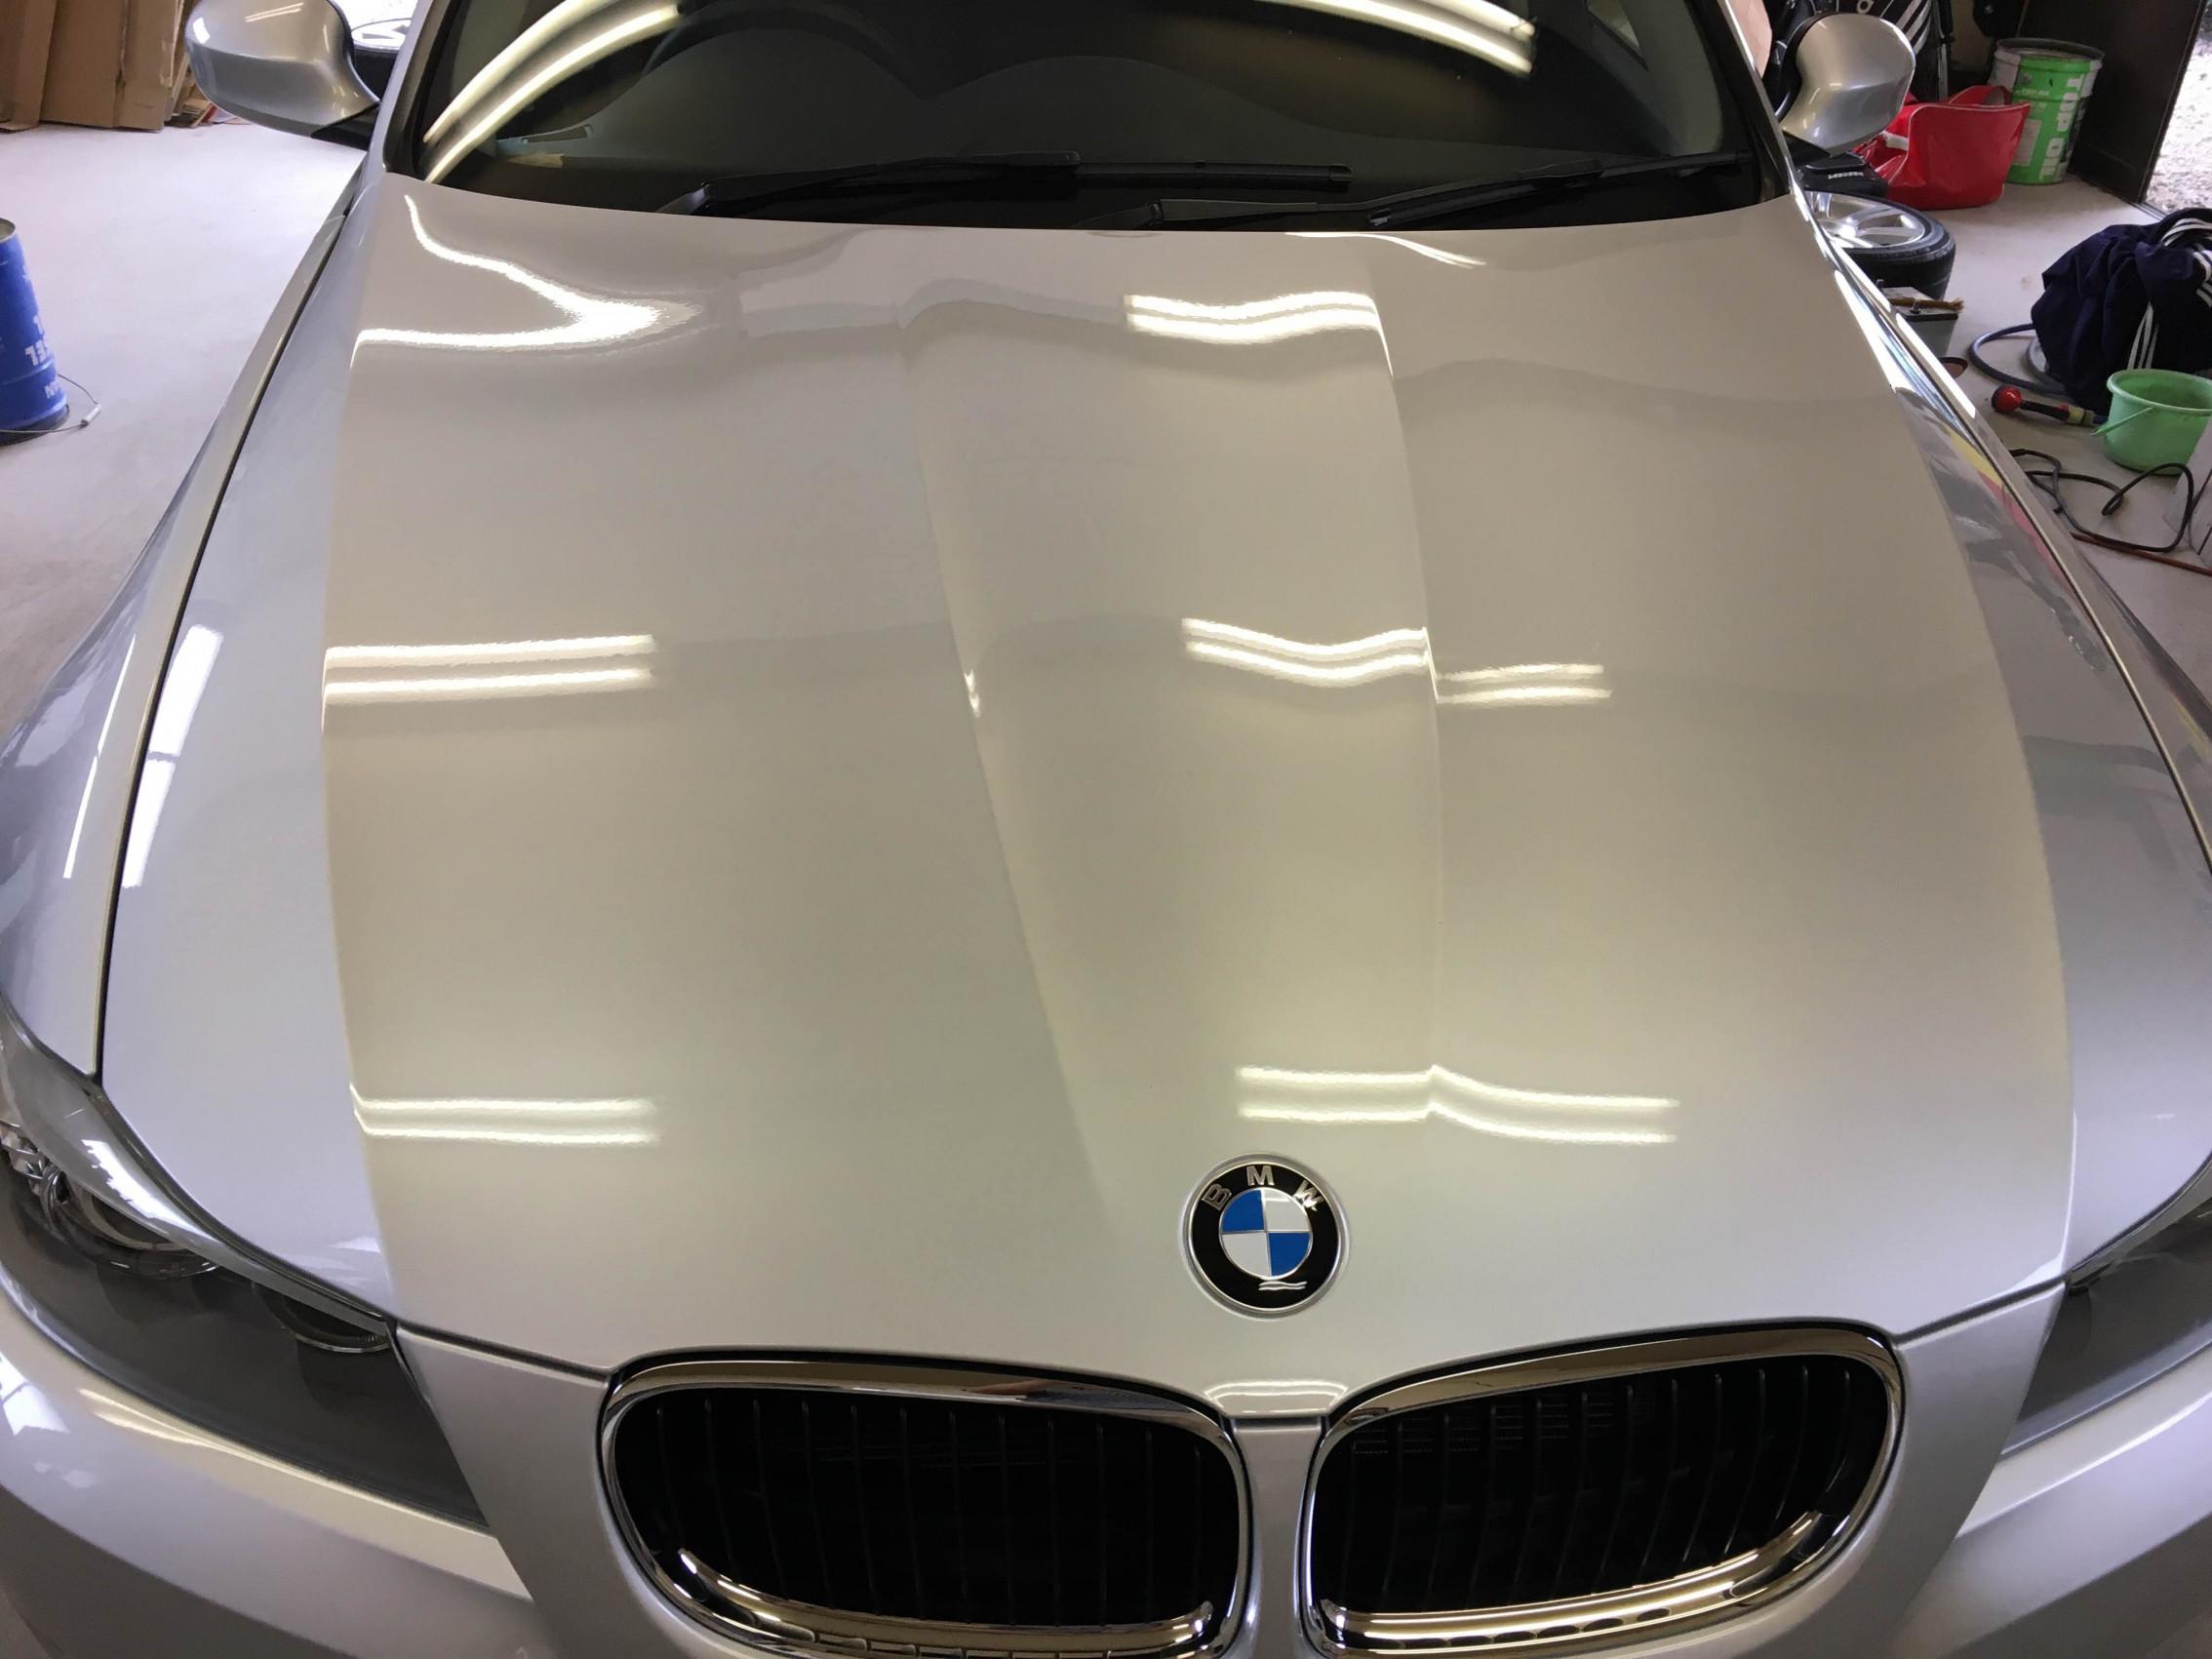 BMW ガラスコーティング施工イメージ